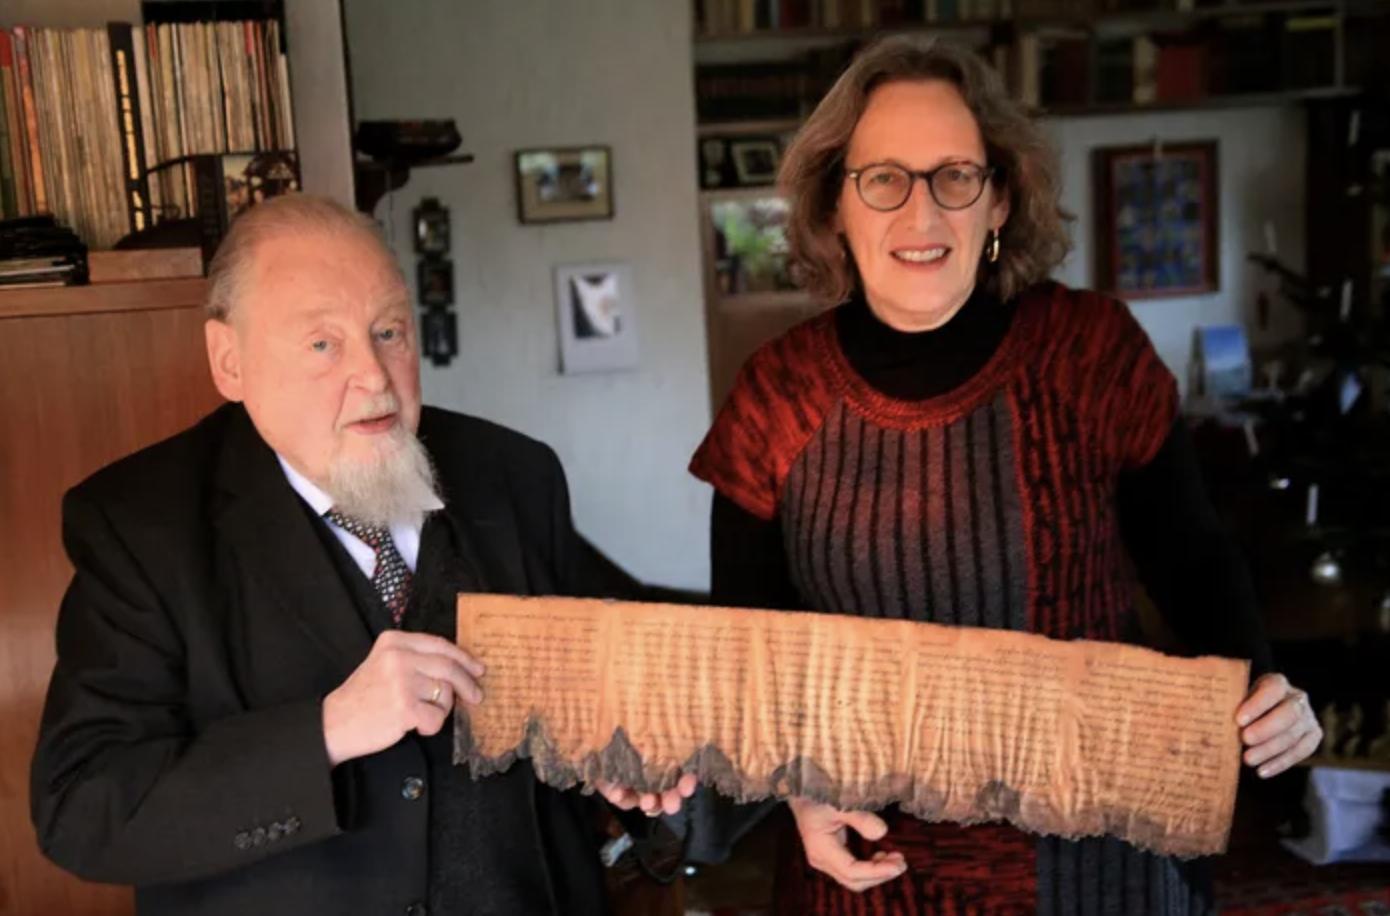 Último descobridor dos Manuscritos do Mar Morto morre de Covid-19